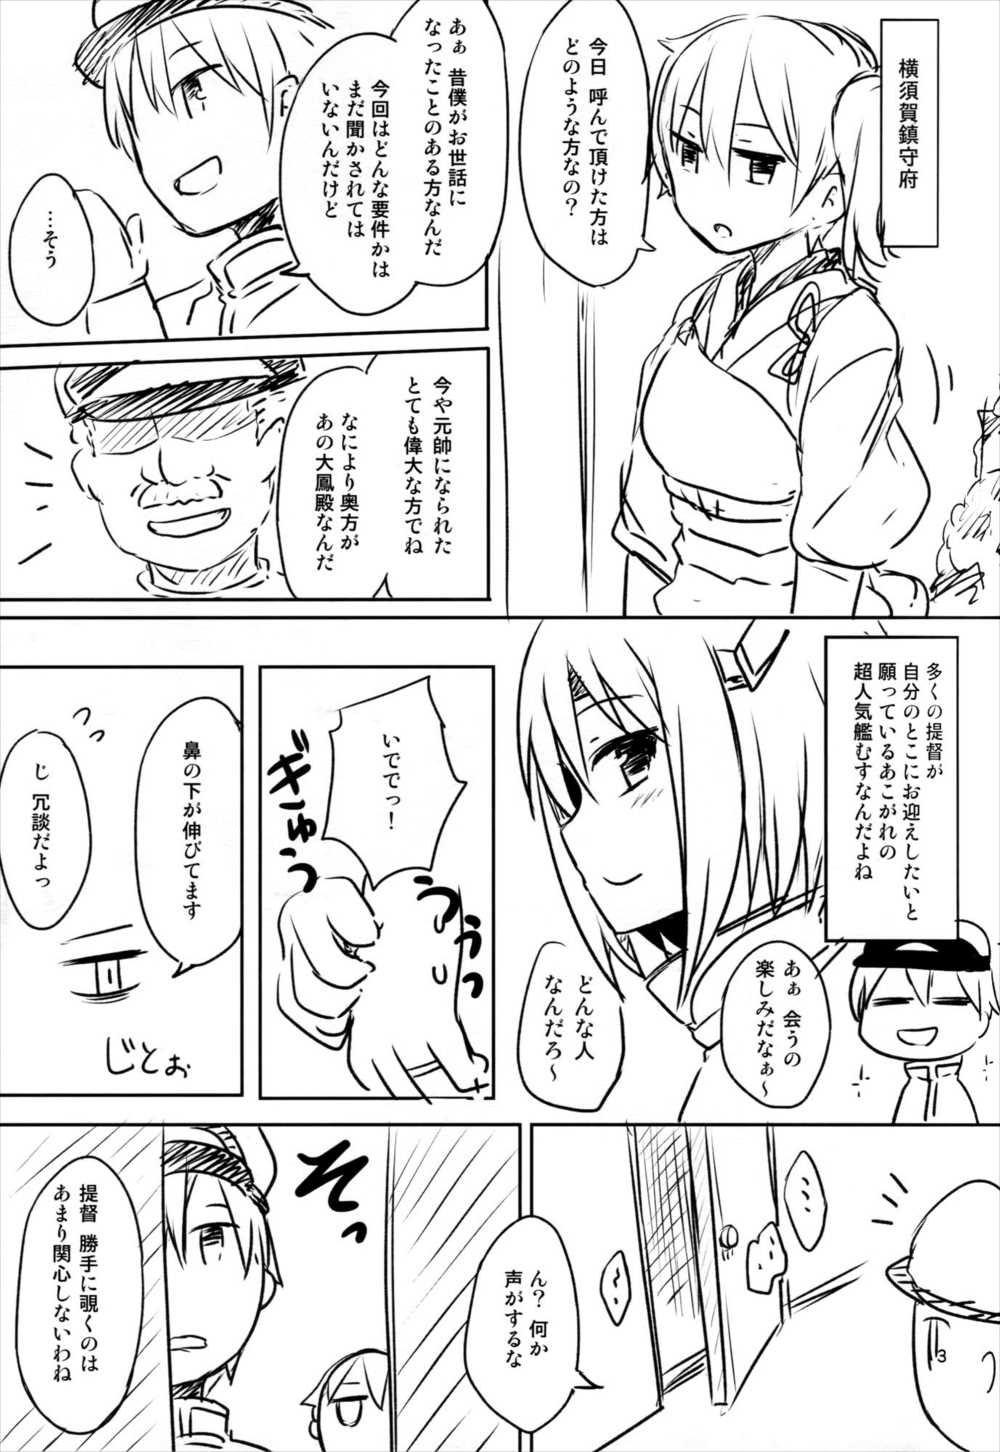 【艦隊これくしょんエロ同人誌】提督と嫁の加賀さんが元帥と大鳳さんに襲われてイッちゃったんだけどwww【大鳳&加賀】